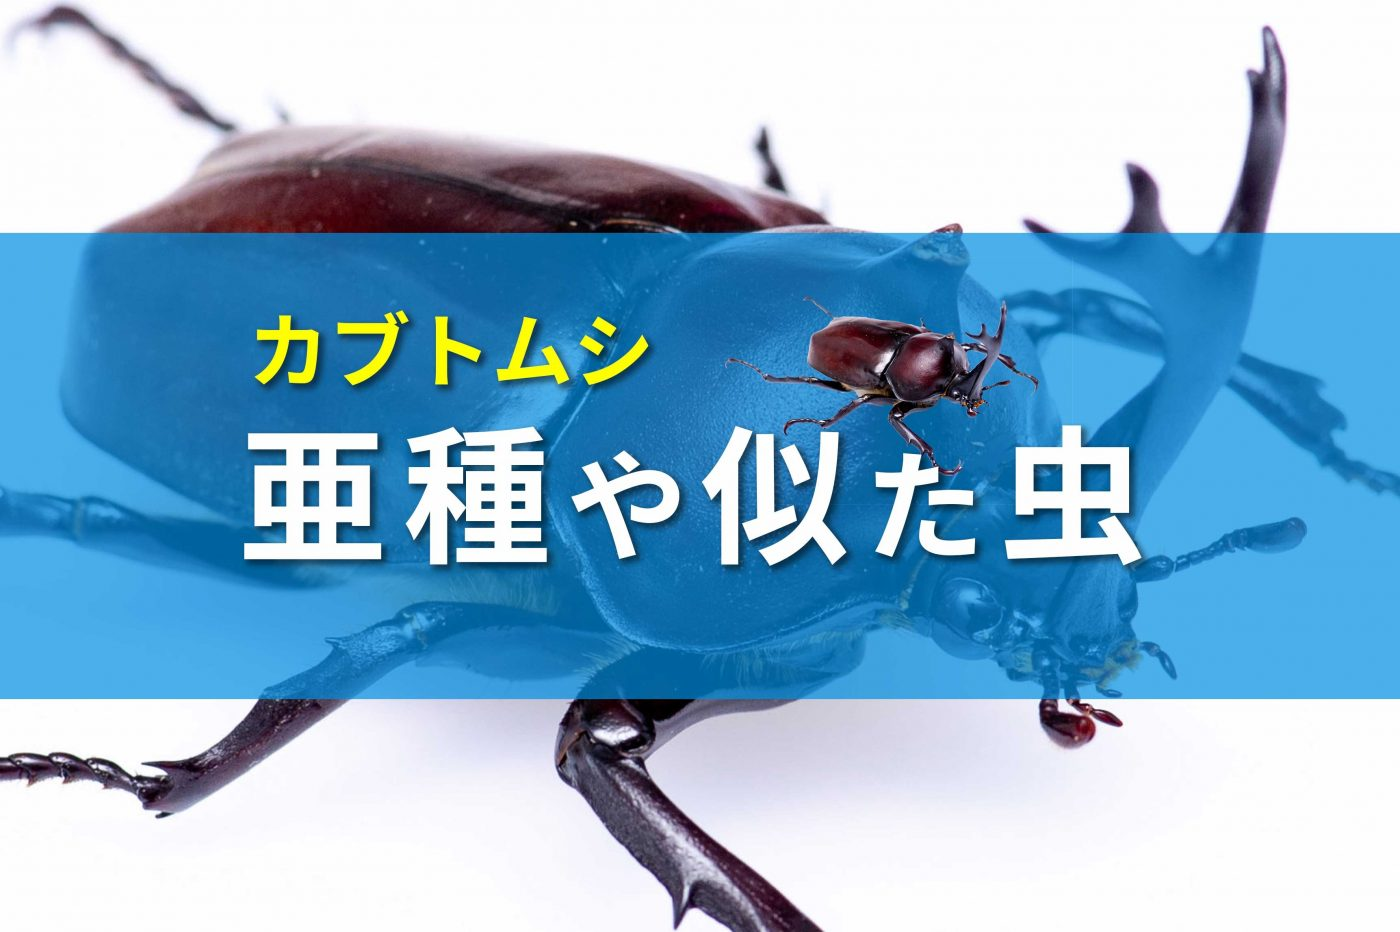 カブトムシ亜種のバナー